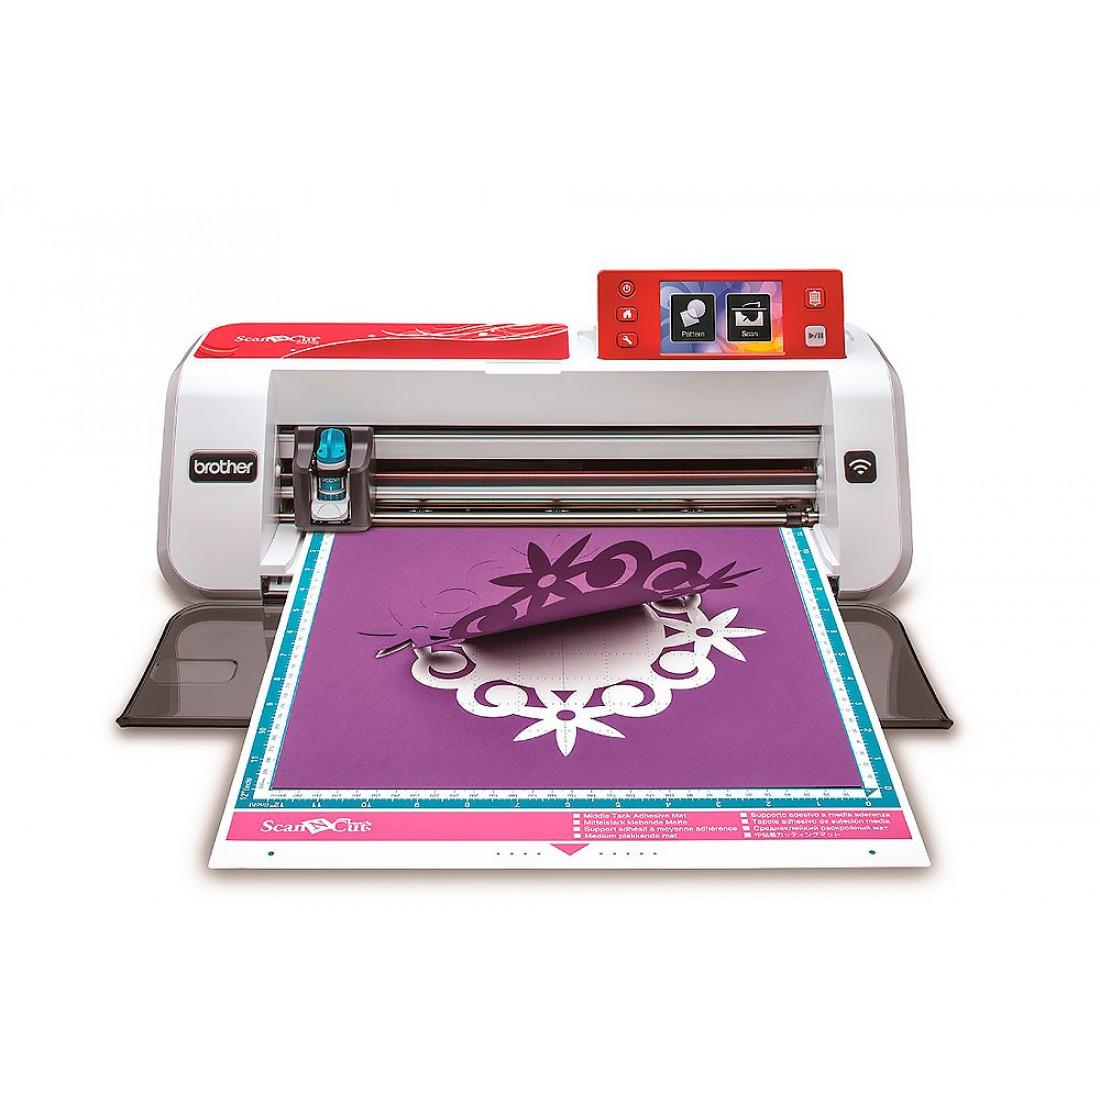 Плоттер раскройный Brother CM700Принтеры ткани (плоттеры)<br>Плоттер (принтер для ткани) Brother CM 700 ScanNCut – это специальное устройство для резки контуров и рисования на различных материалах. Дизайн для вырезания можно выбрать из 630 встроенных, отсканировать образец и определить контур на нем, а так же з...<br>